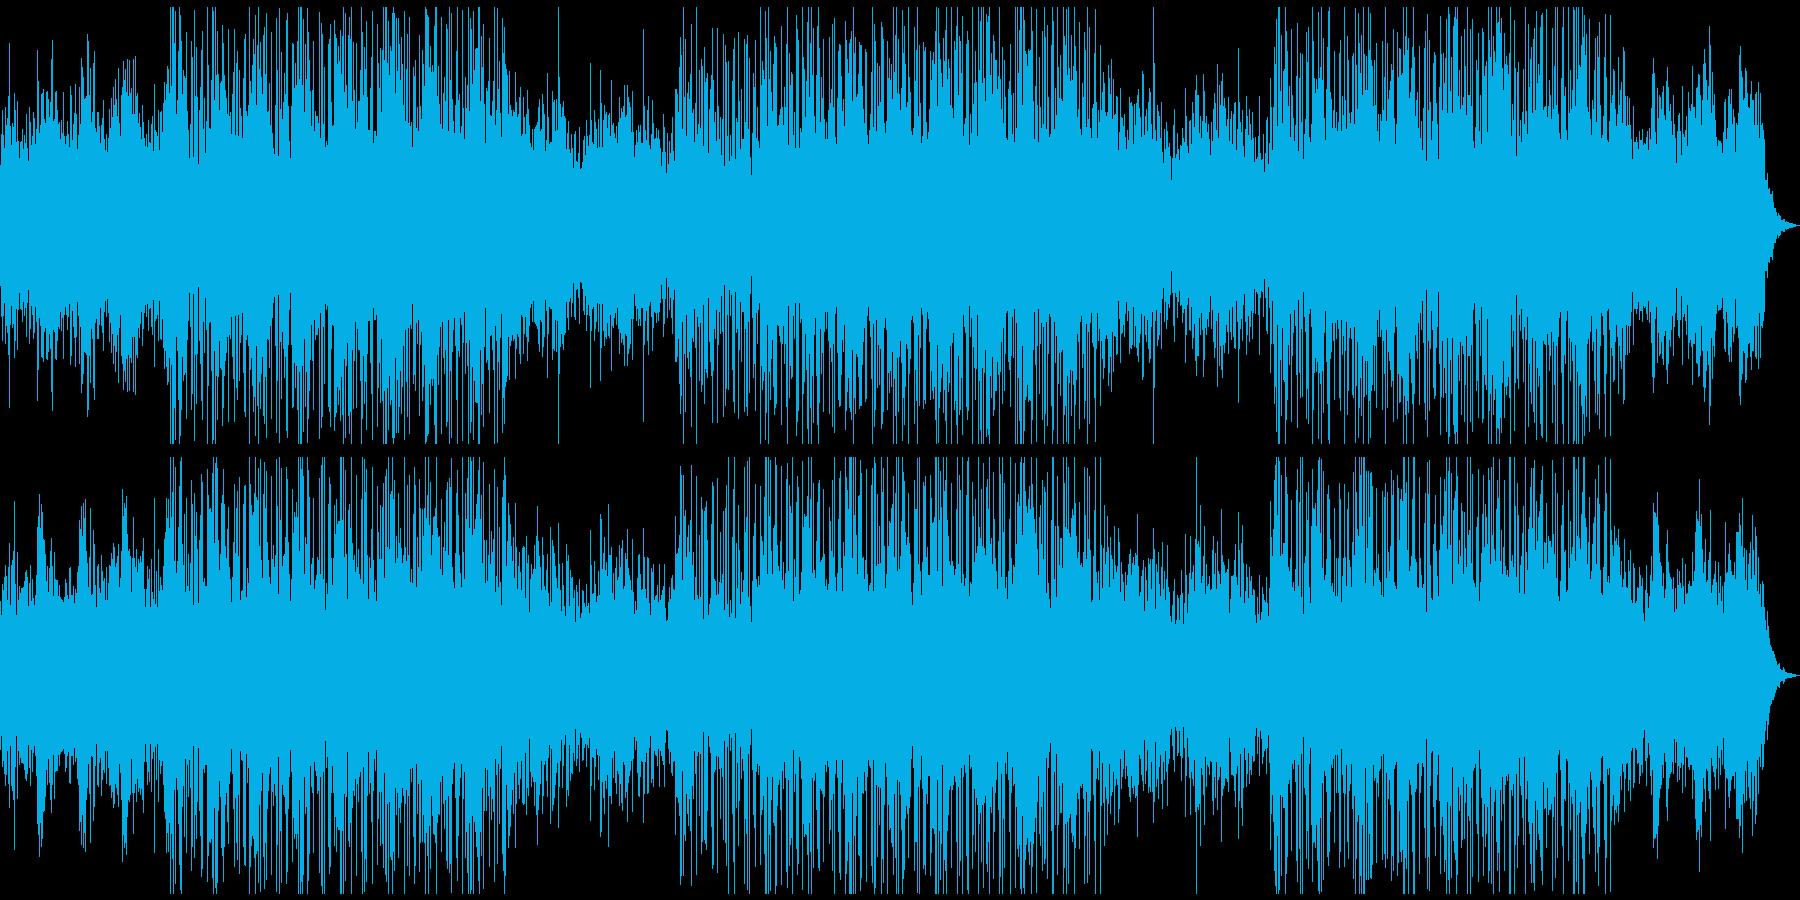 アコースティックピアノの未来的音楽の再生済みの波形